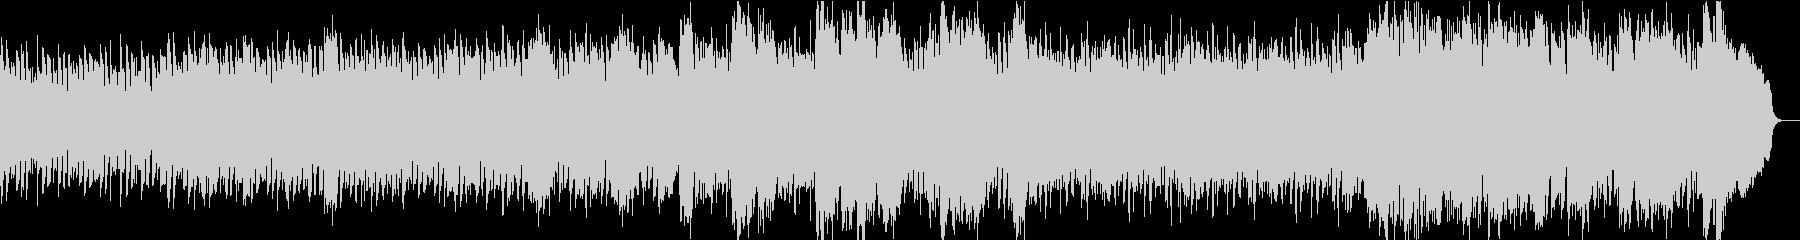 優しさに包まれる感動ピアノ2合唱と弦抜きの未再生の波形